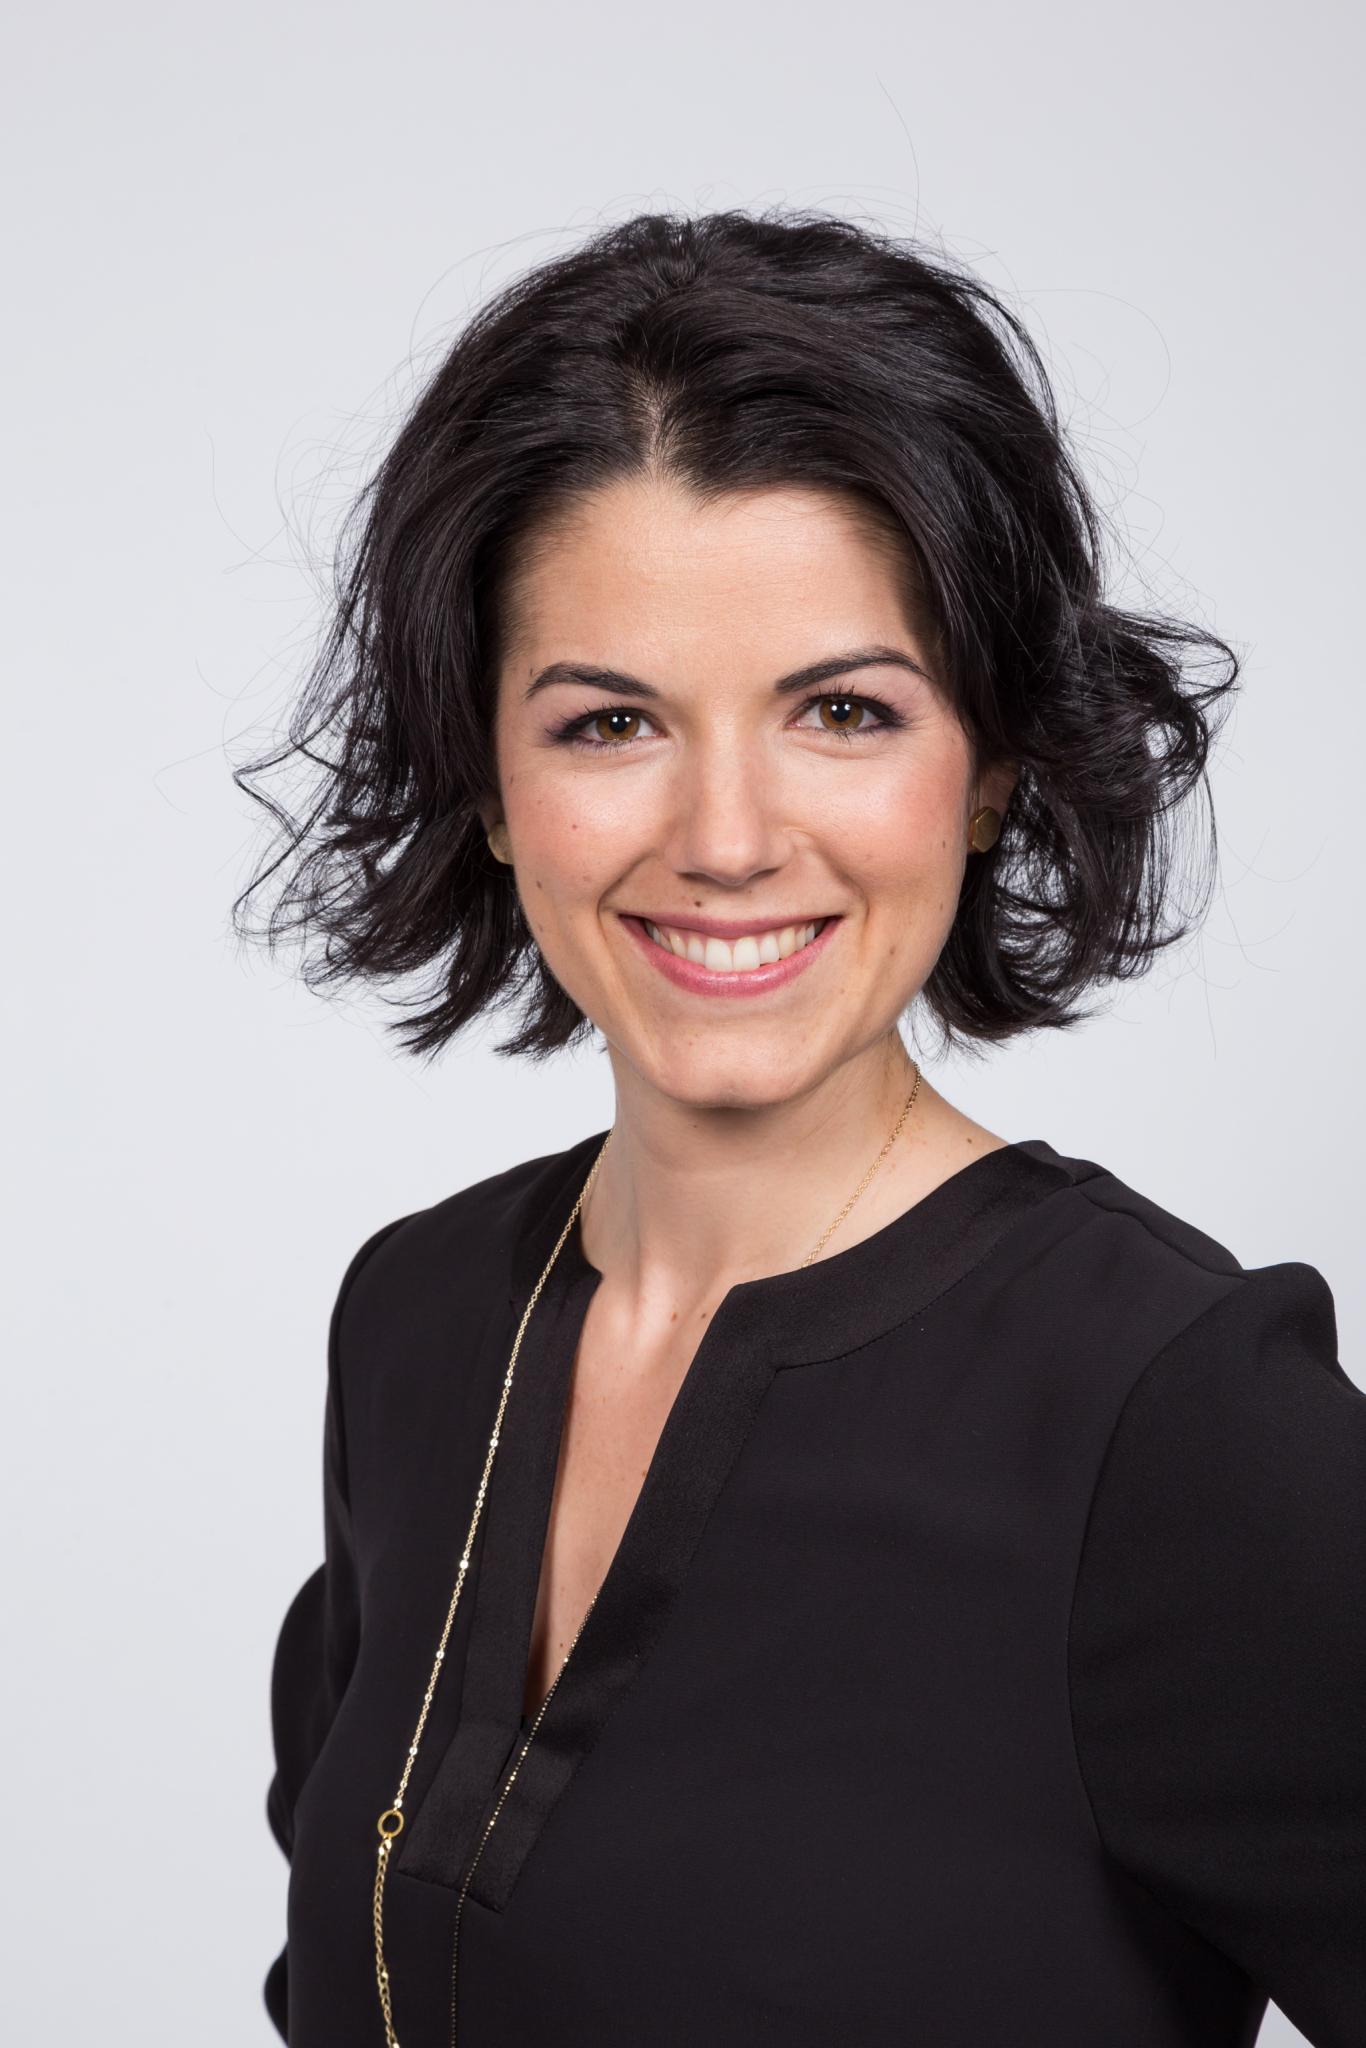 Andréanne Mathieu